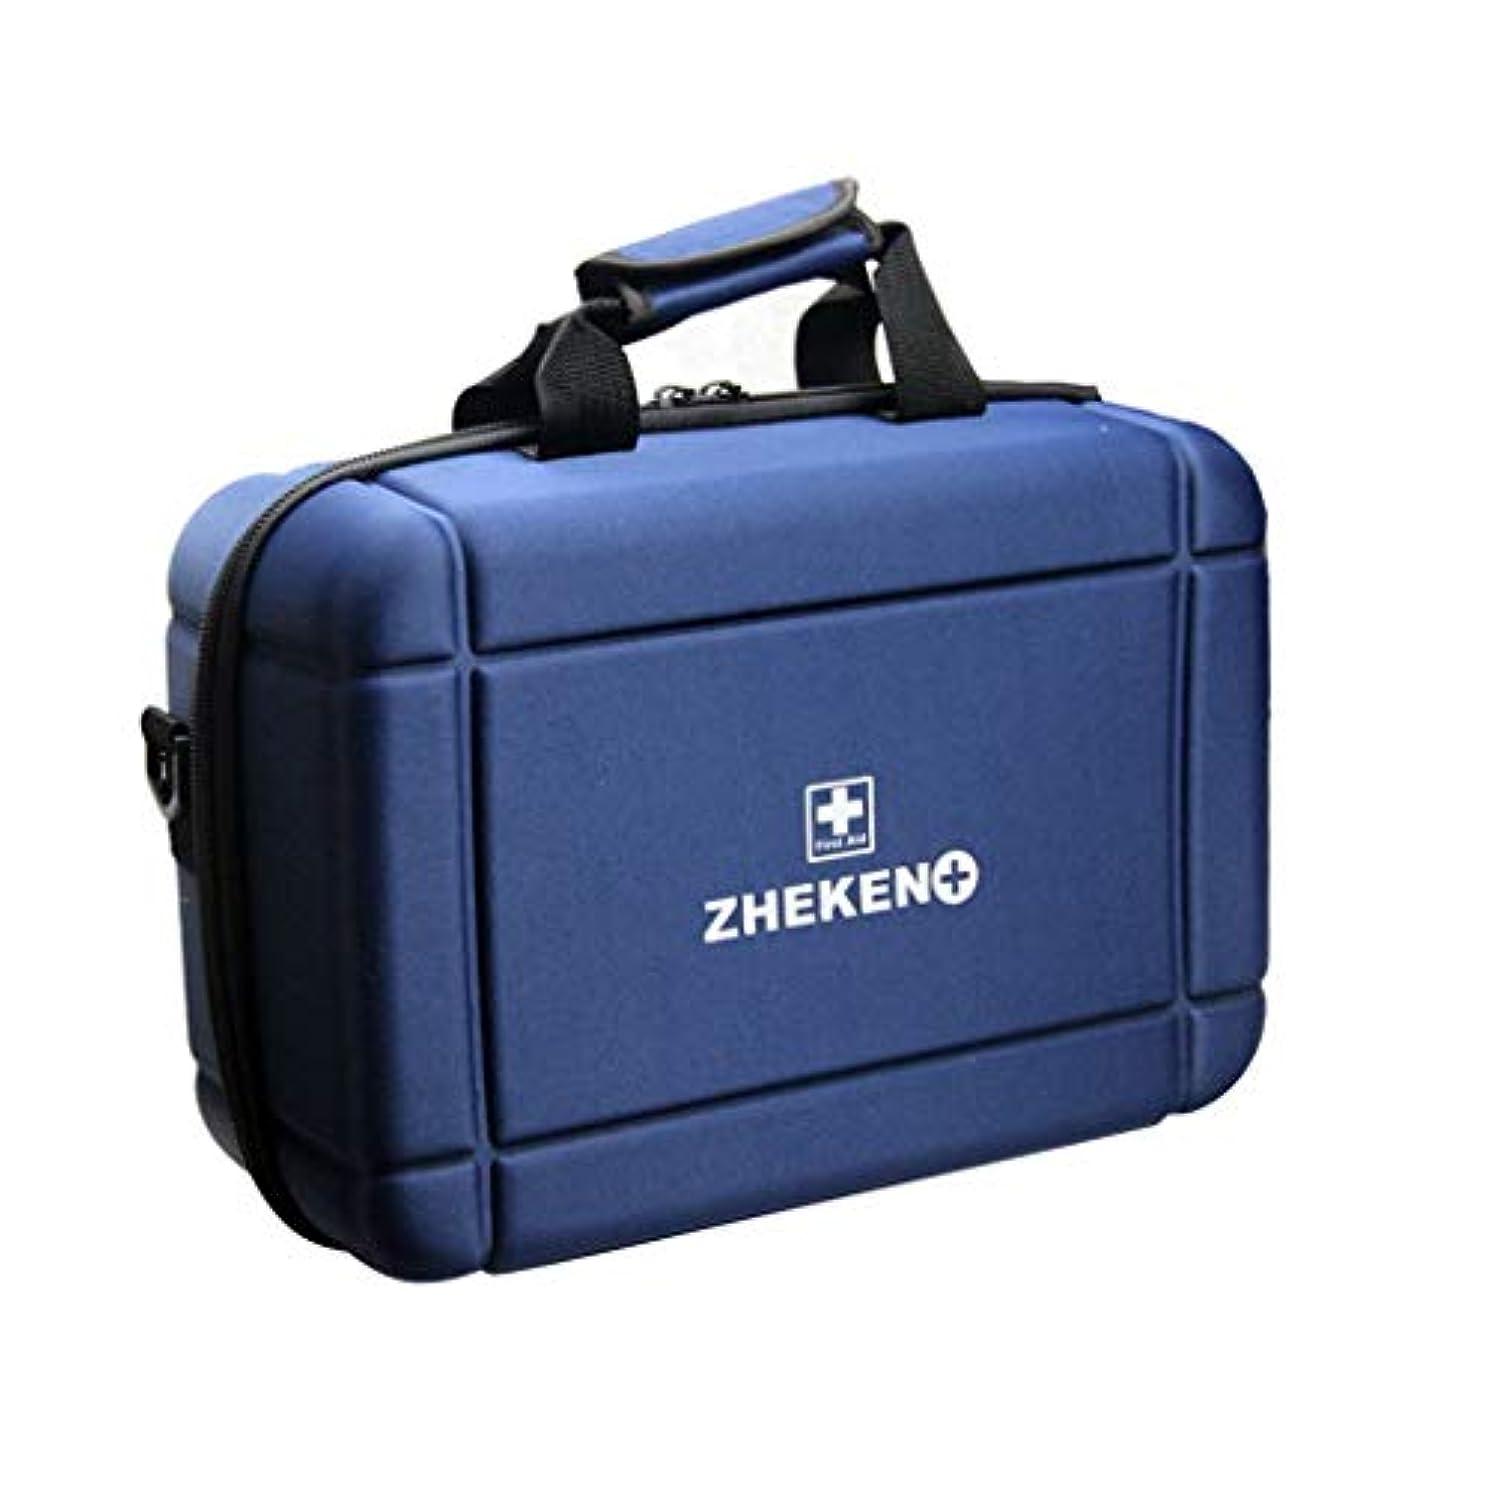 短くする省略視力医療用キット 医学の箱の携帯用救急箱の医学箱の寮または外出のための二重使用肩ひも QDDSP